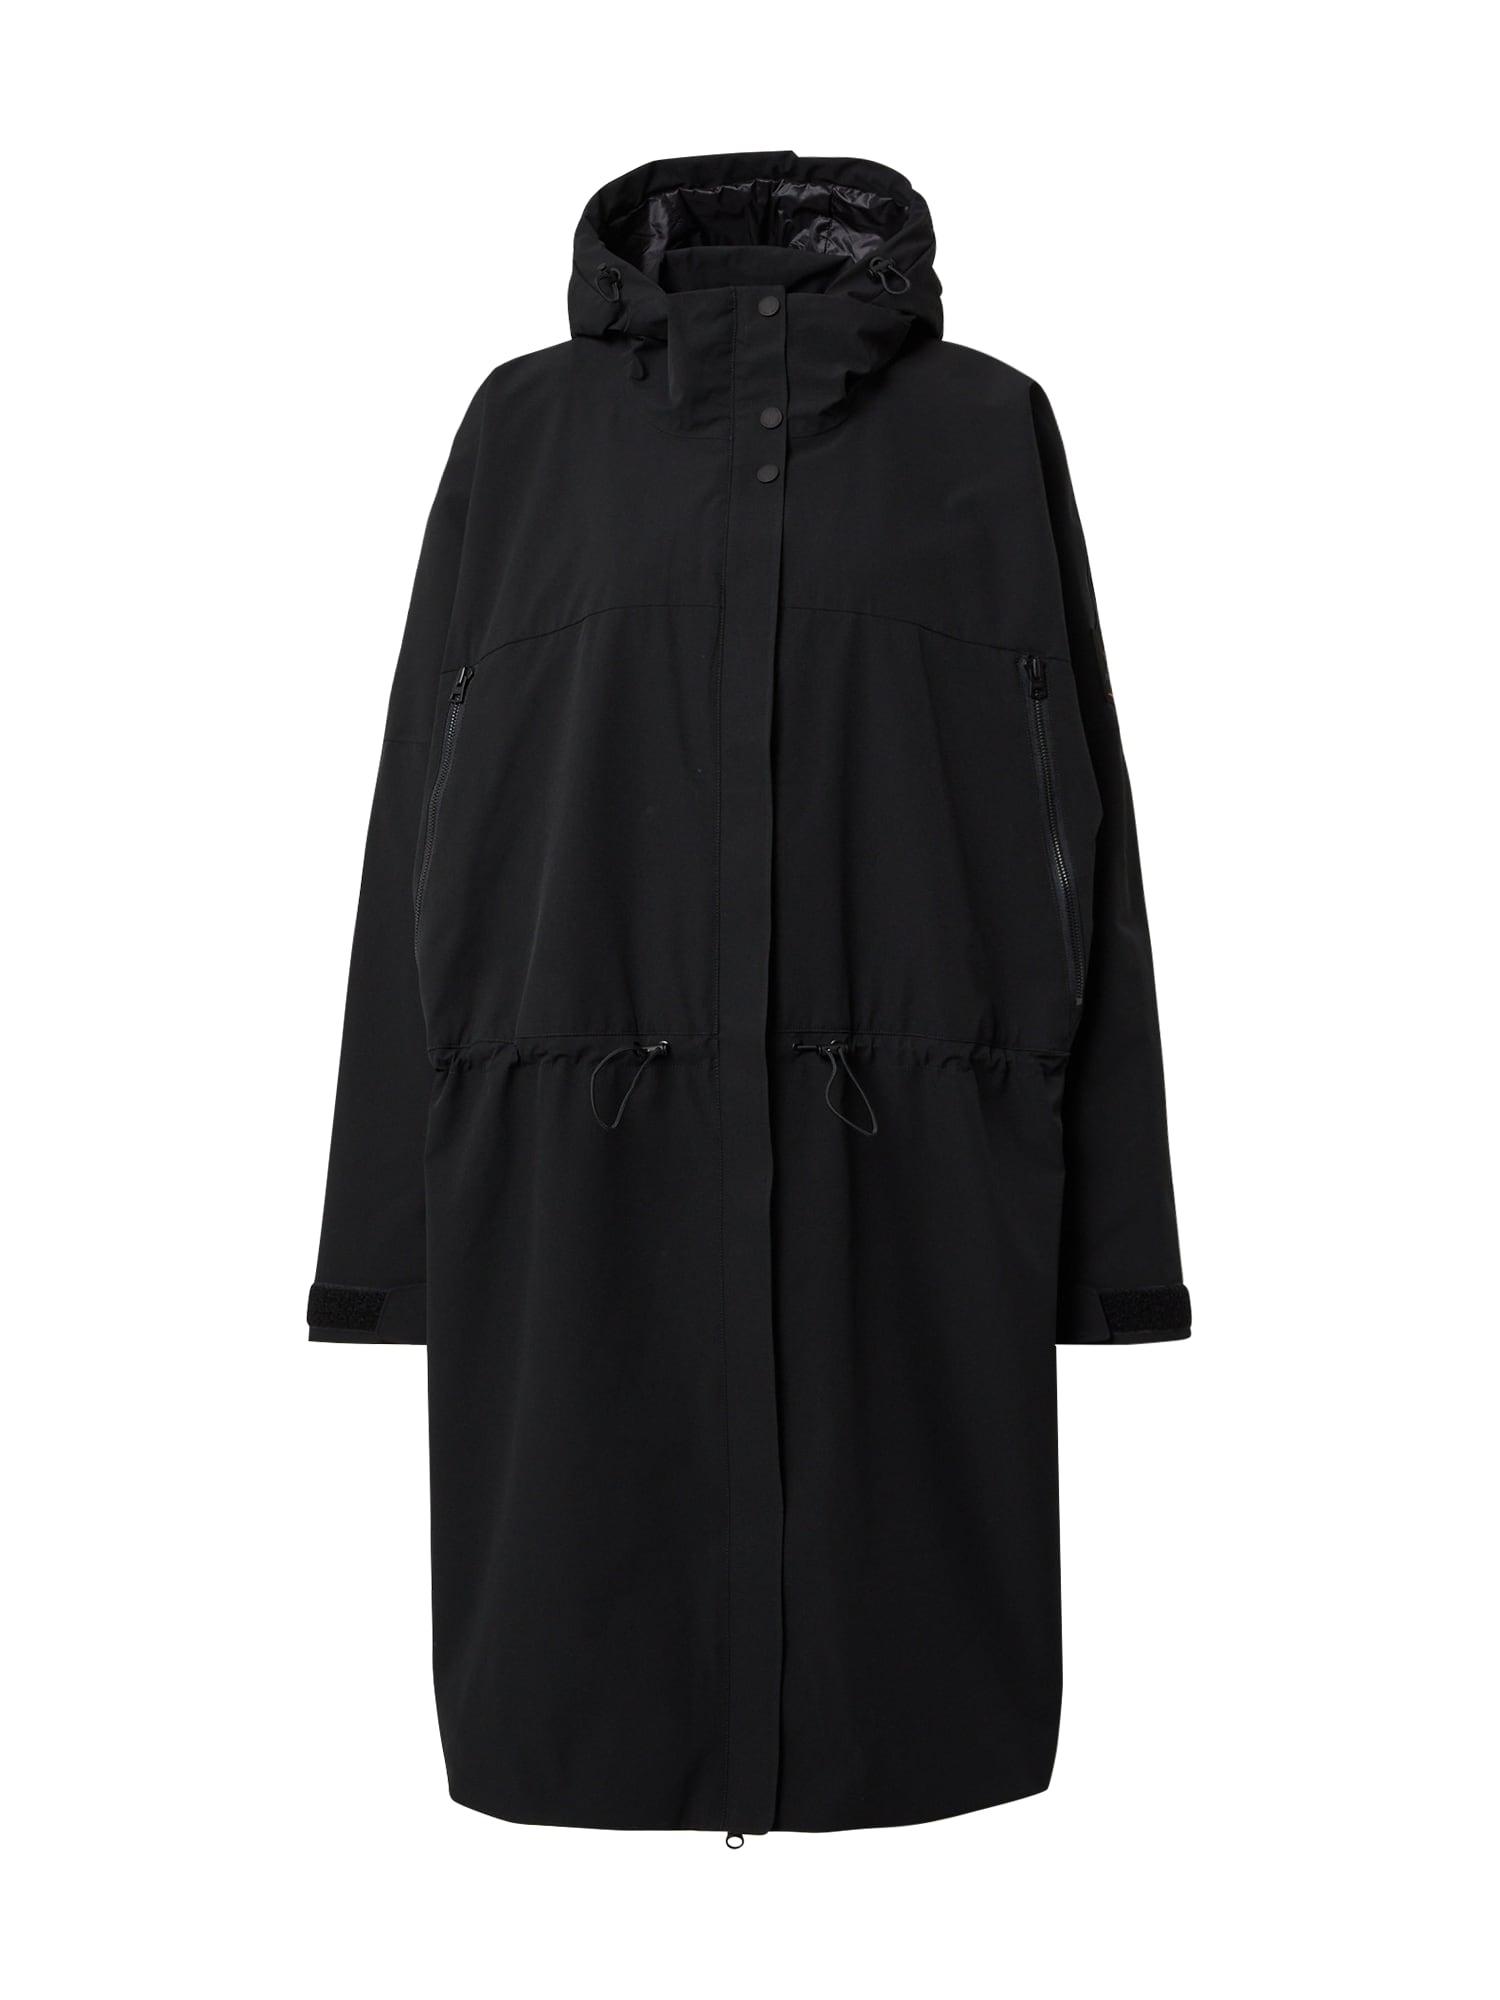 Bogner Fire + Ice Rudeninis-žieminis paltas 'Betty' juoda